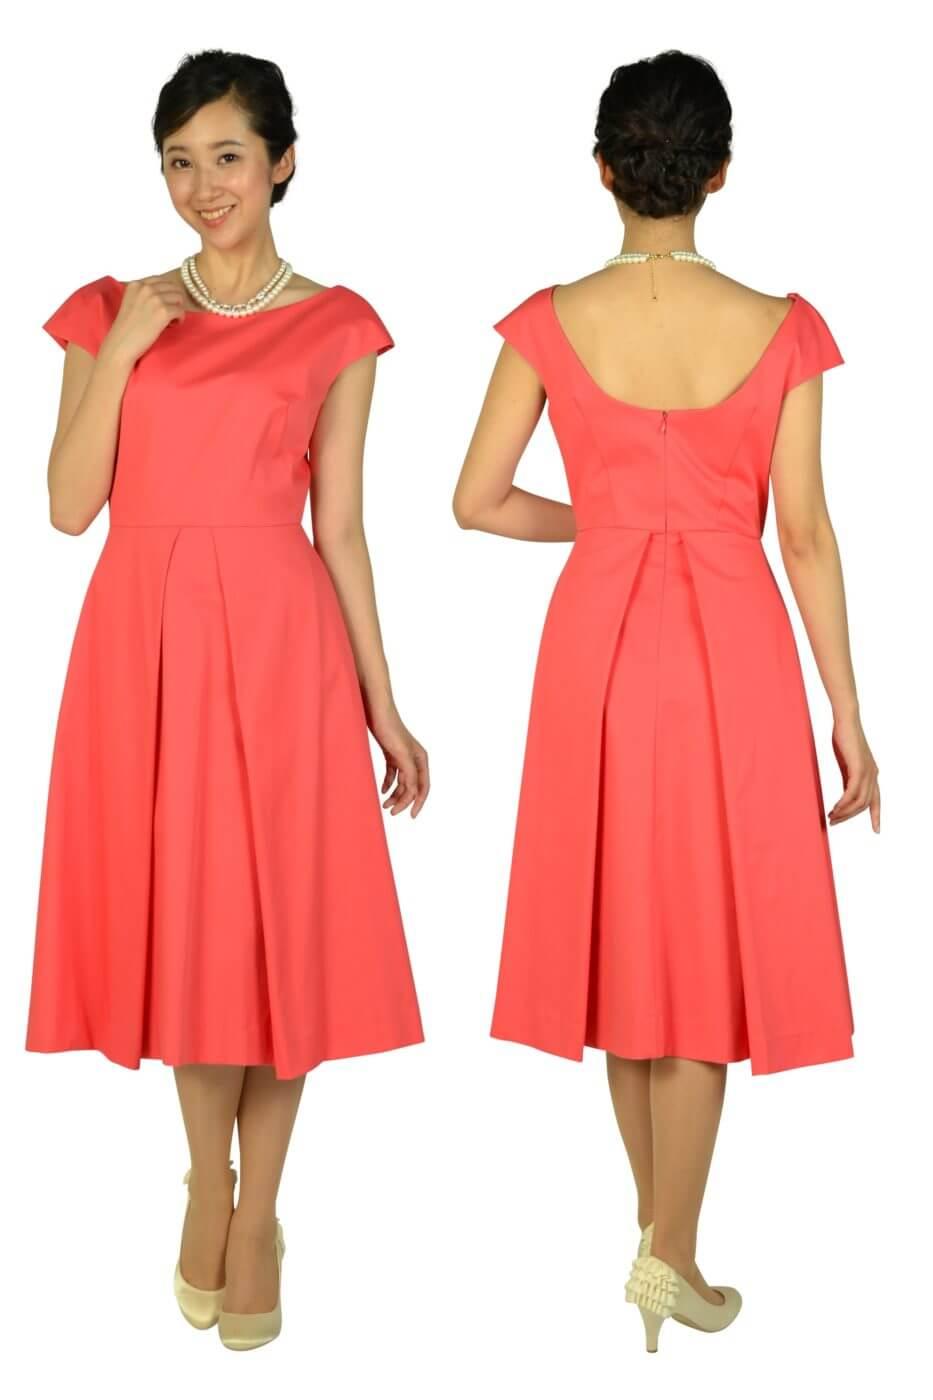 ミリー (Milly)バックワイドデザインオレンジピンクドレス